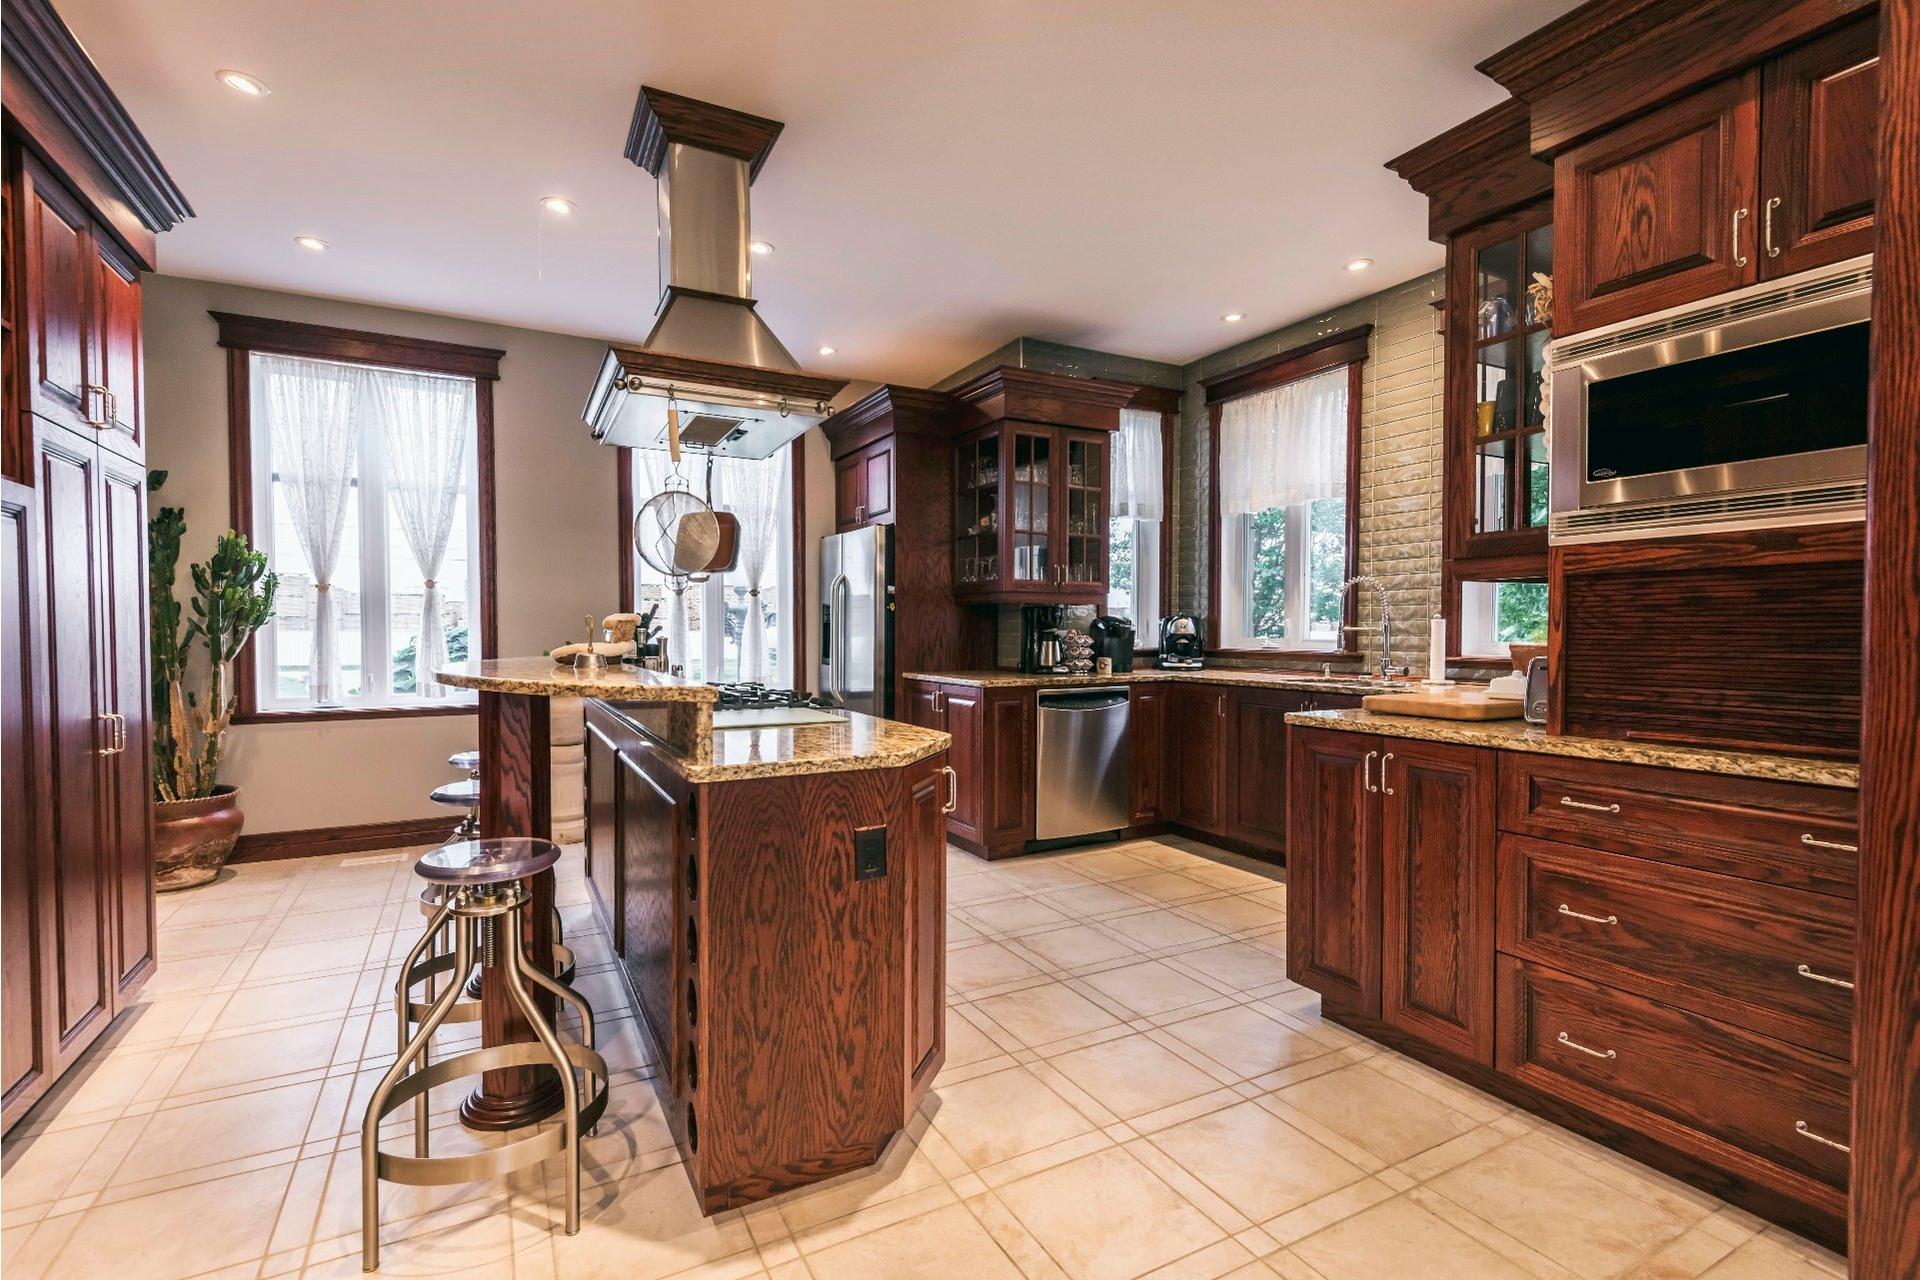 image 9 - Maison À vendre Salaberry-de-Valleyfield - 13 pièces